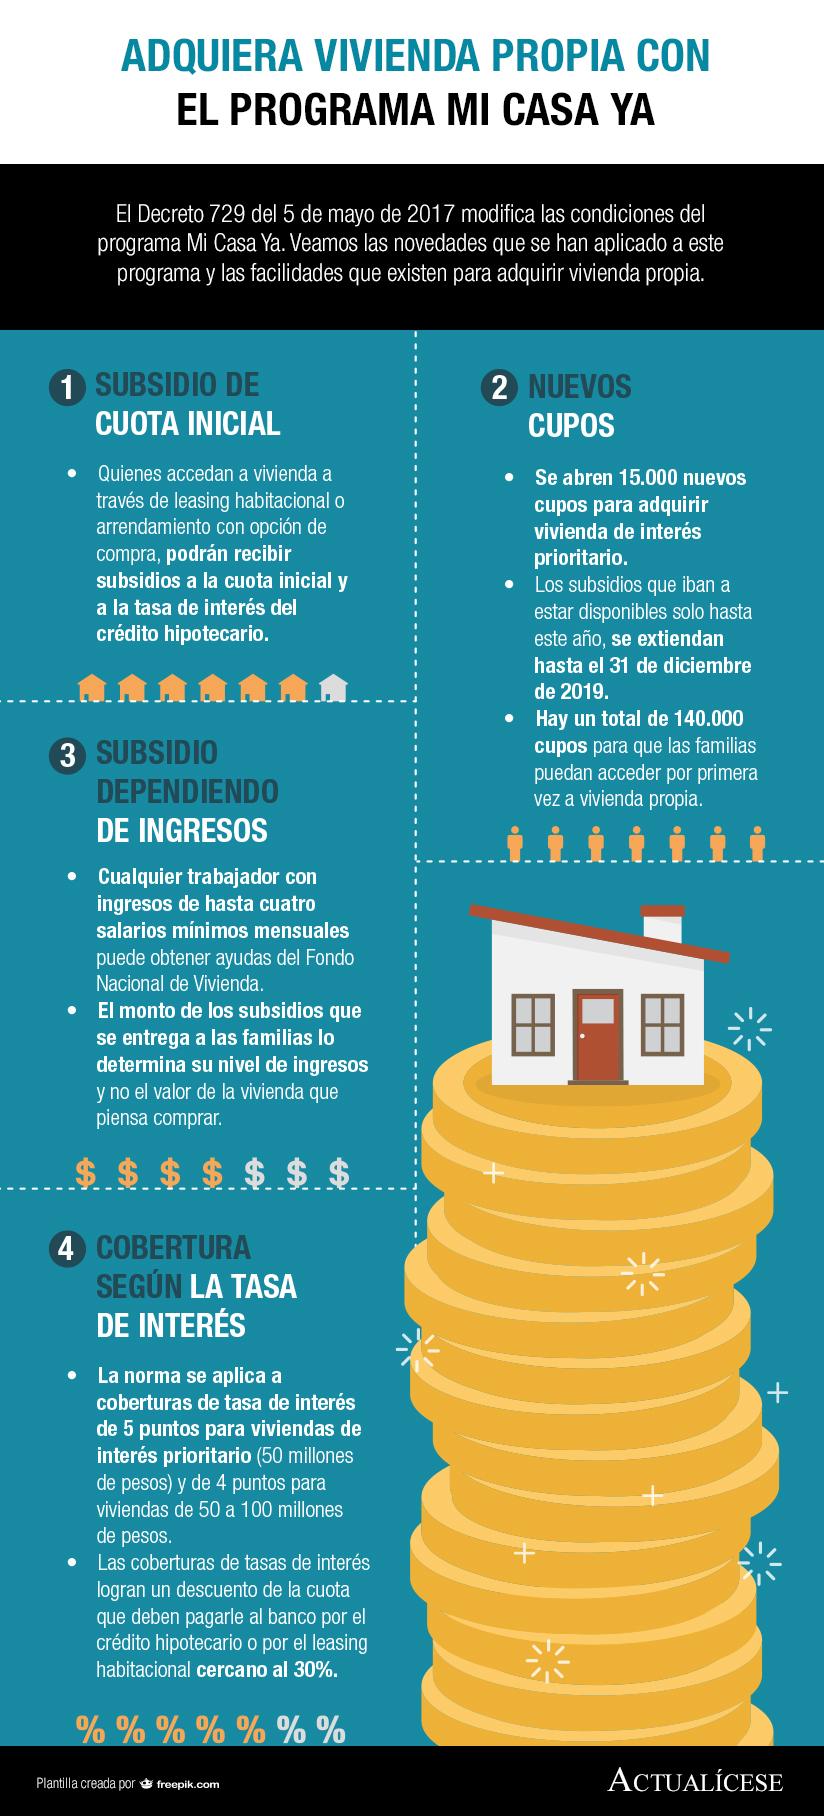 [Infografía] Adquiera vivienda propia con el programa Mi Casa Ya